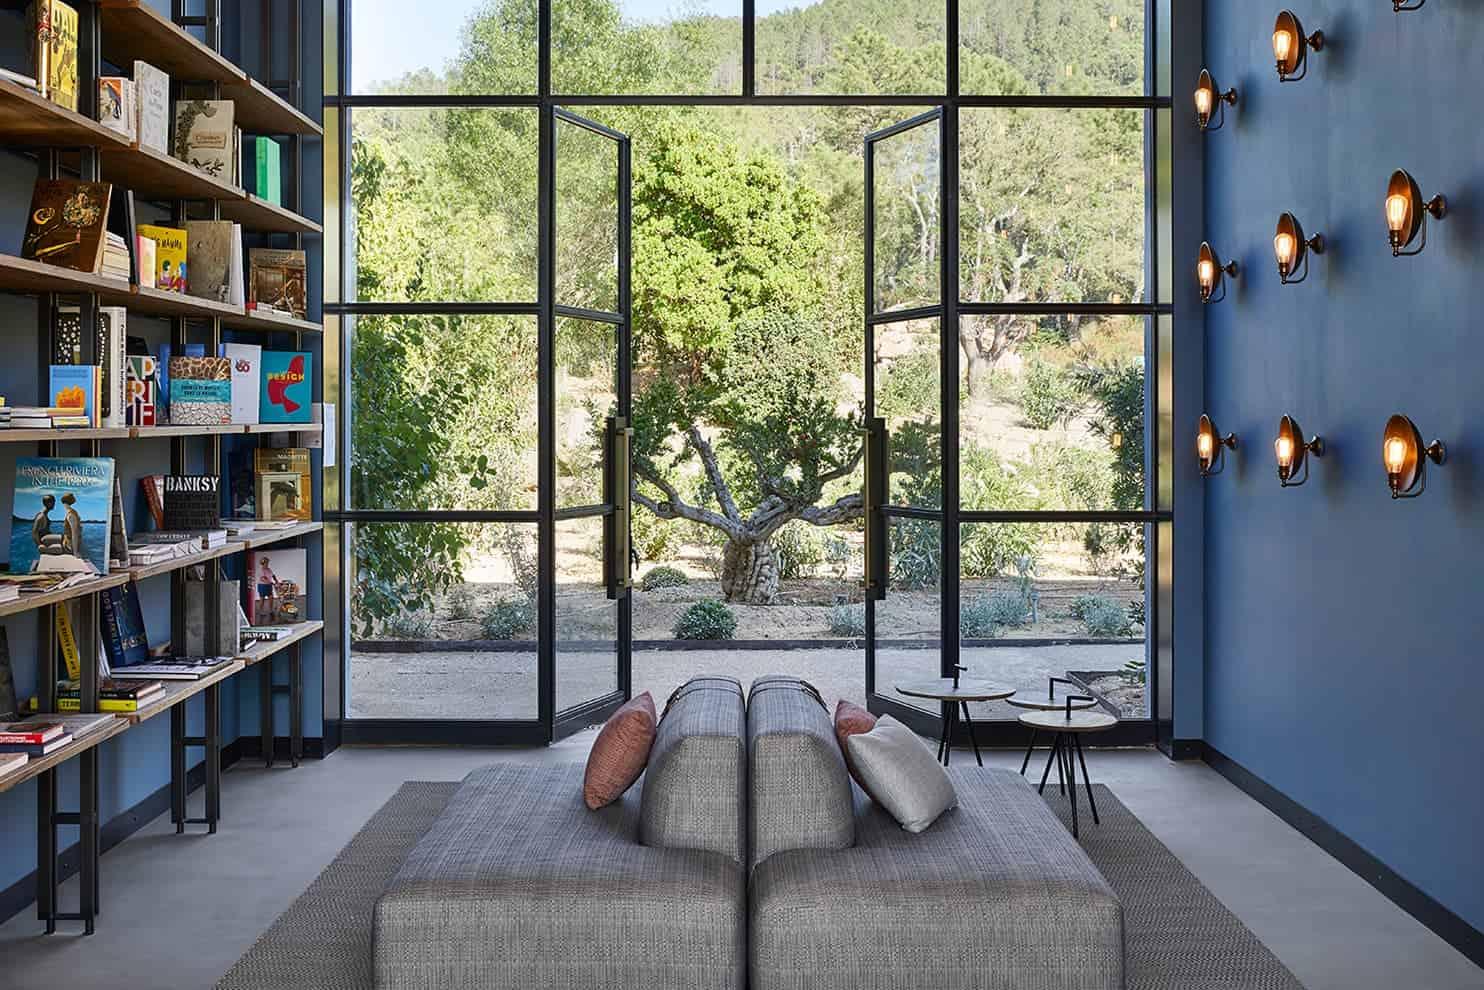 Espace bibliothèque - Hôtel UP par Humbert & Poyet